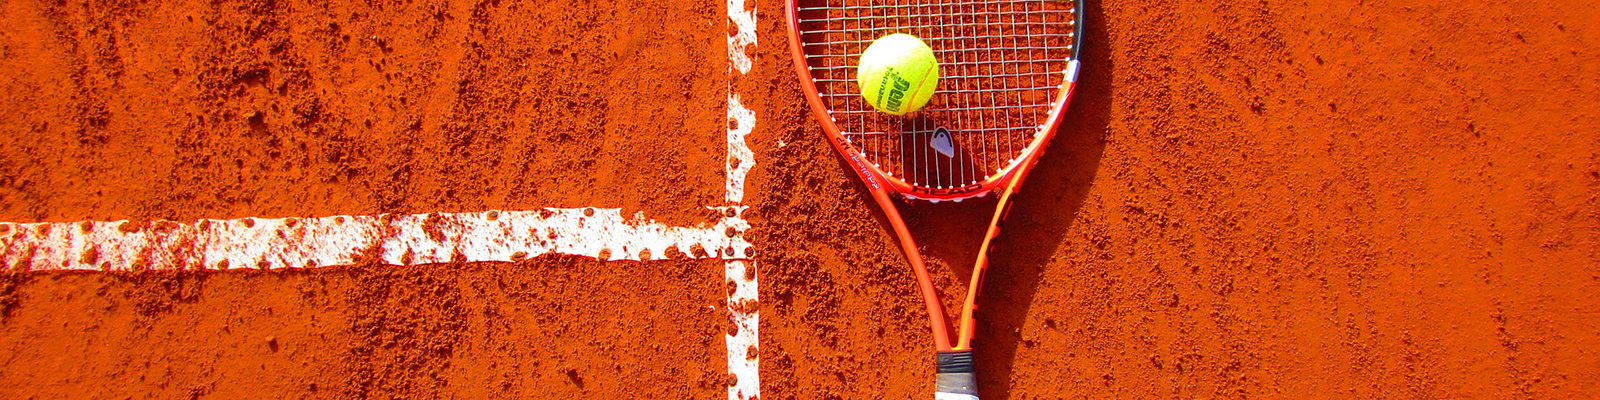 Tennisbanner Leibedingungen